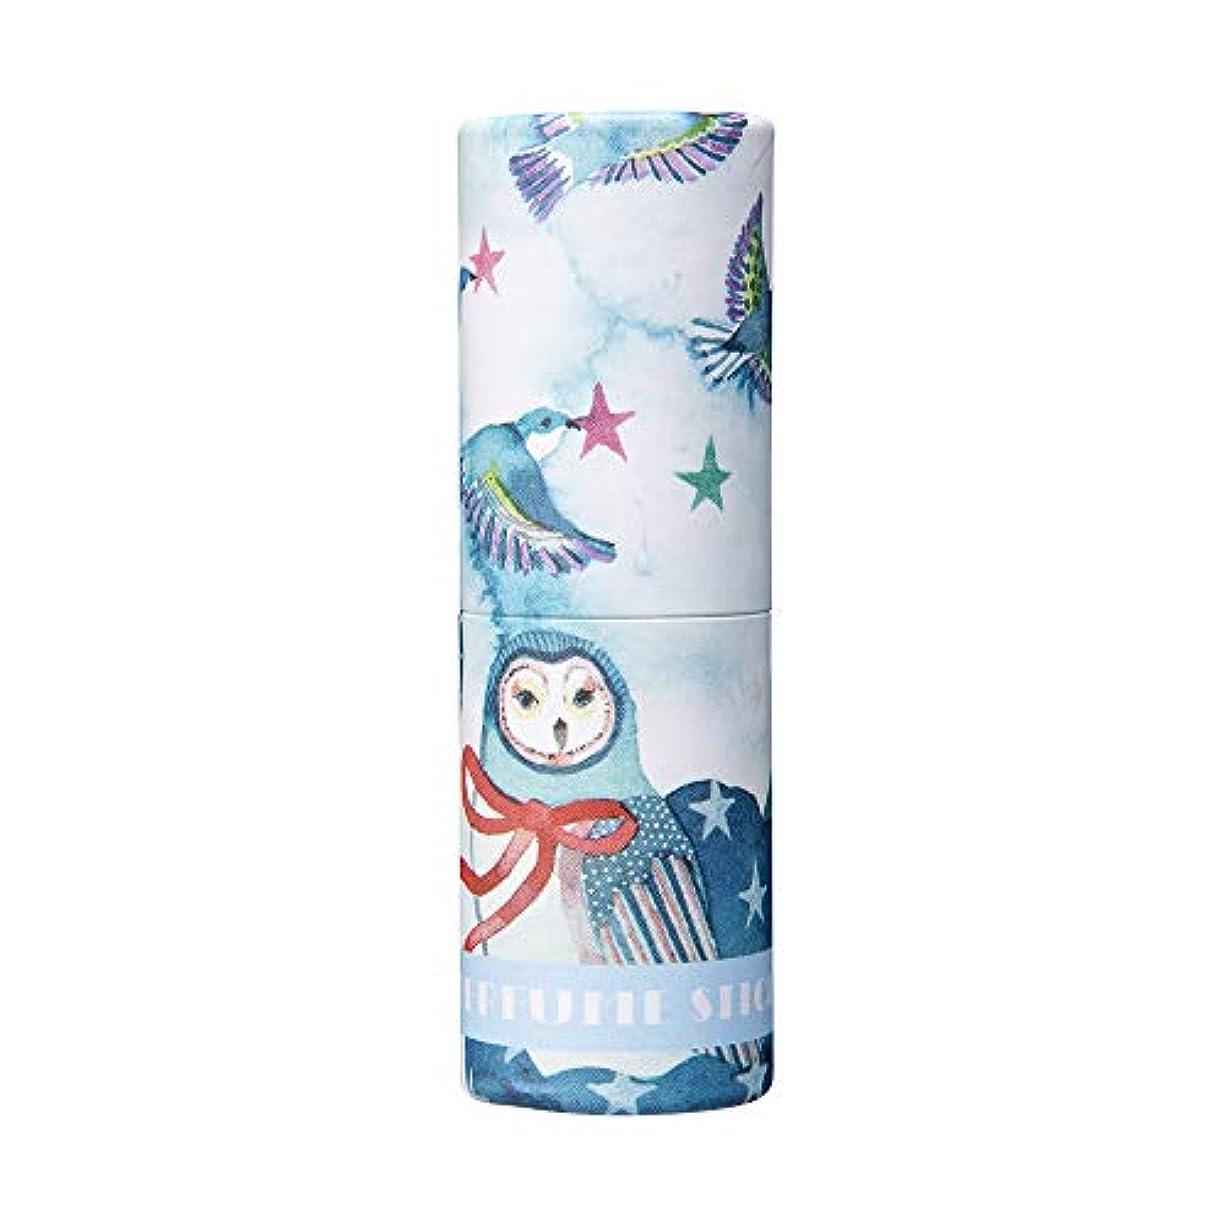 好みばかげたあそこパフュームスティック ウィッシュ ホワイトフラワー&シャボンの香り CatoFriendデザイン 5g